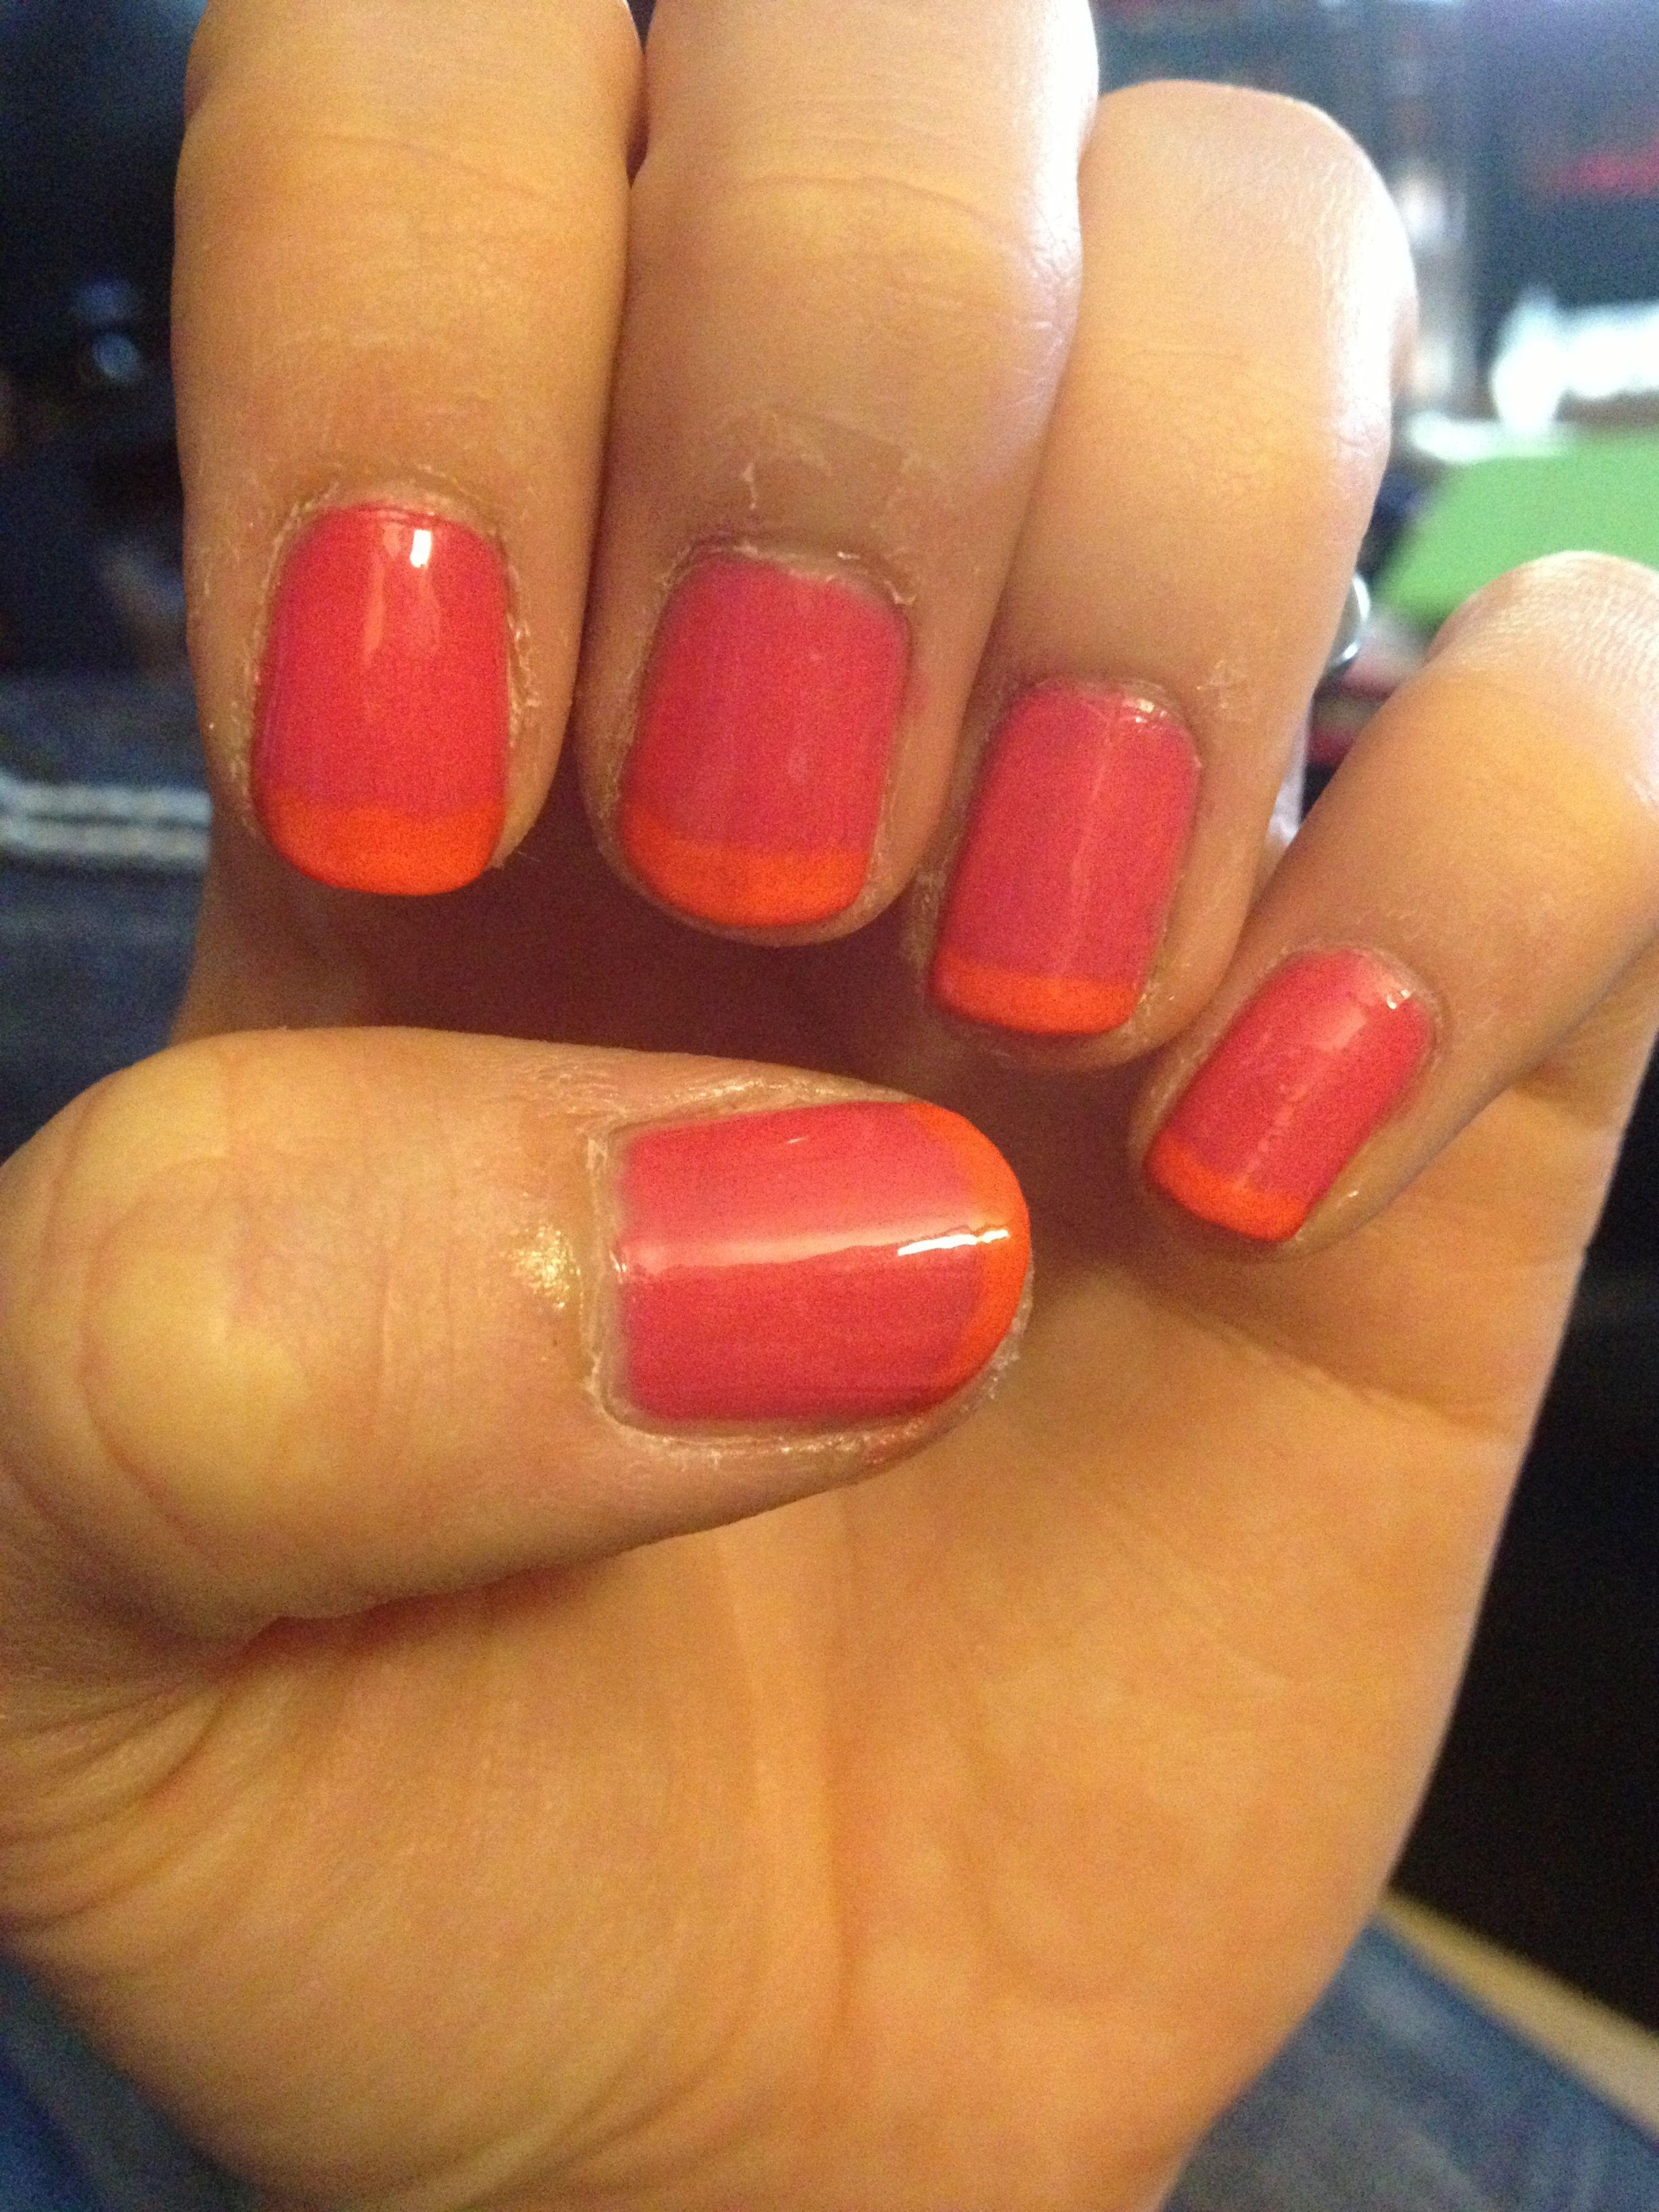 Neon French mani | Nails, French mani, Mani